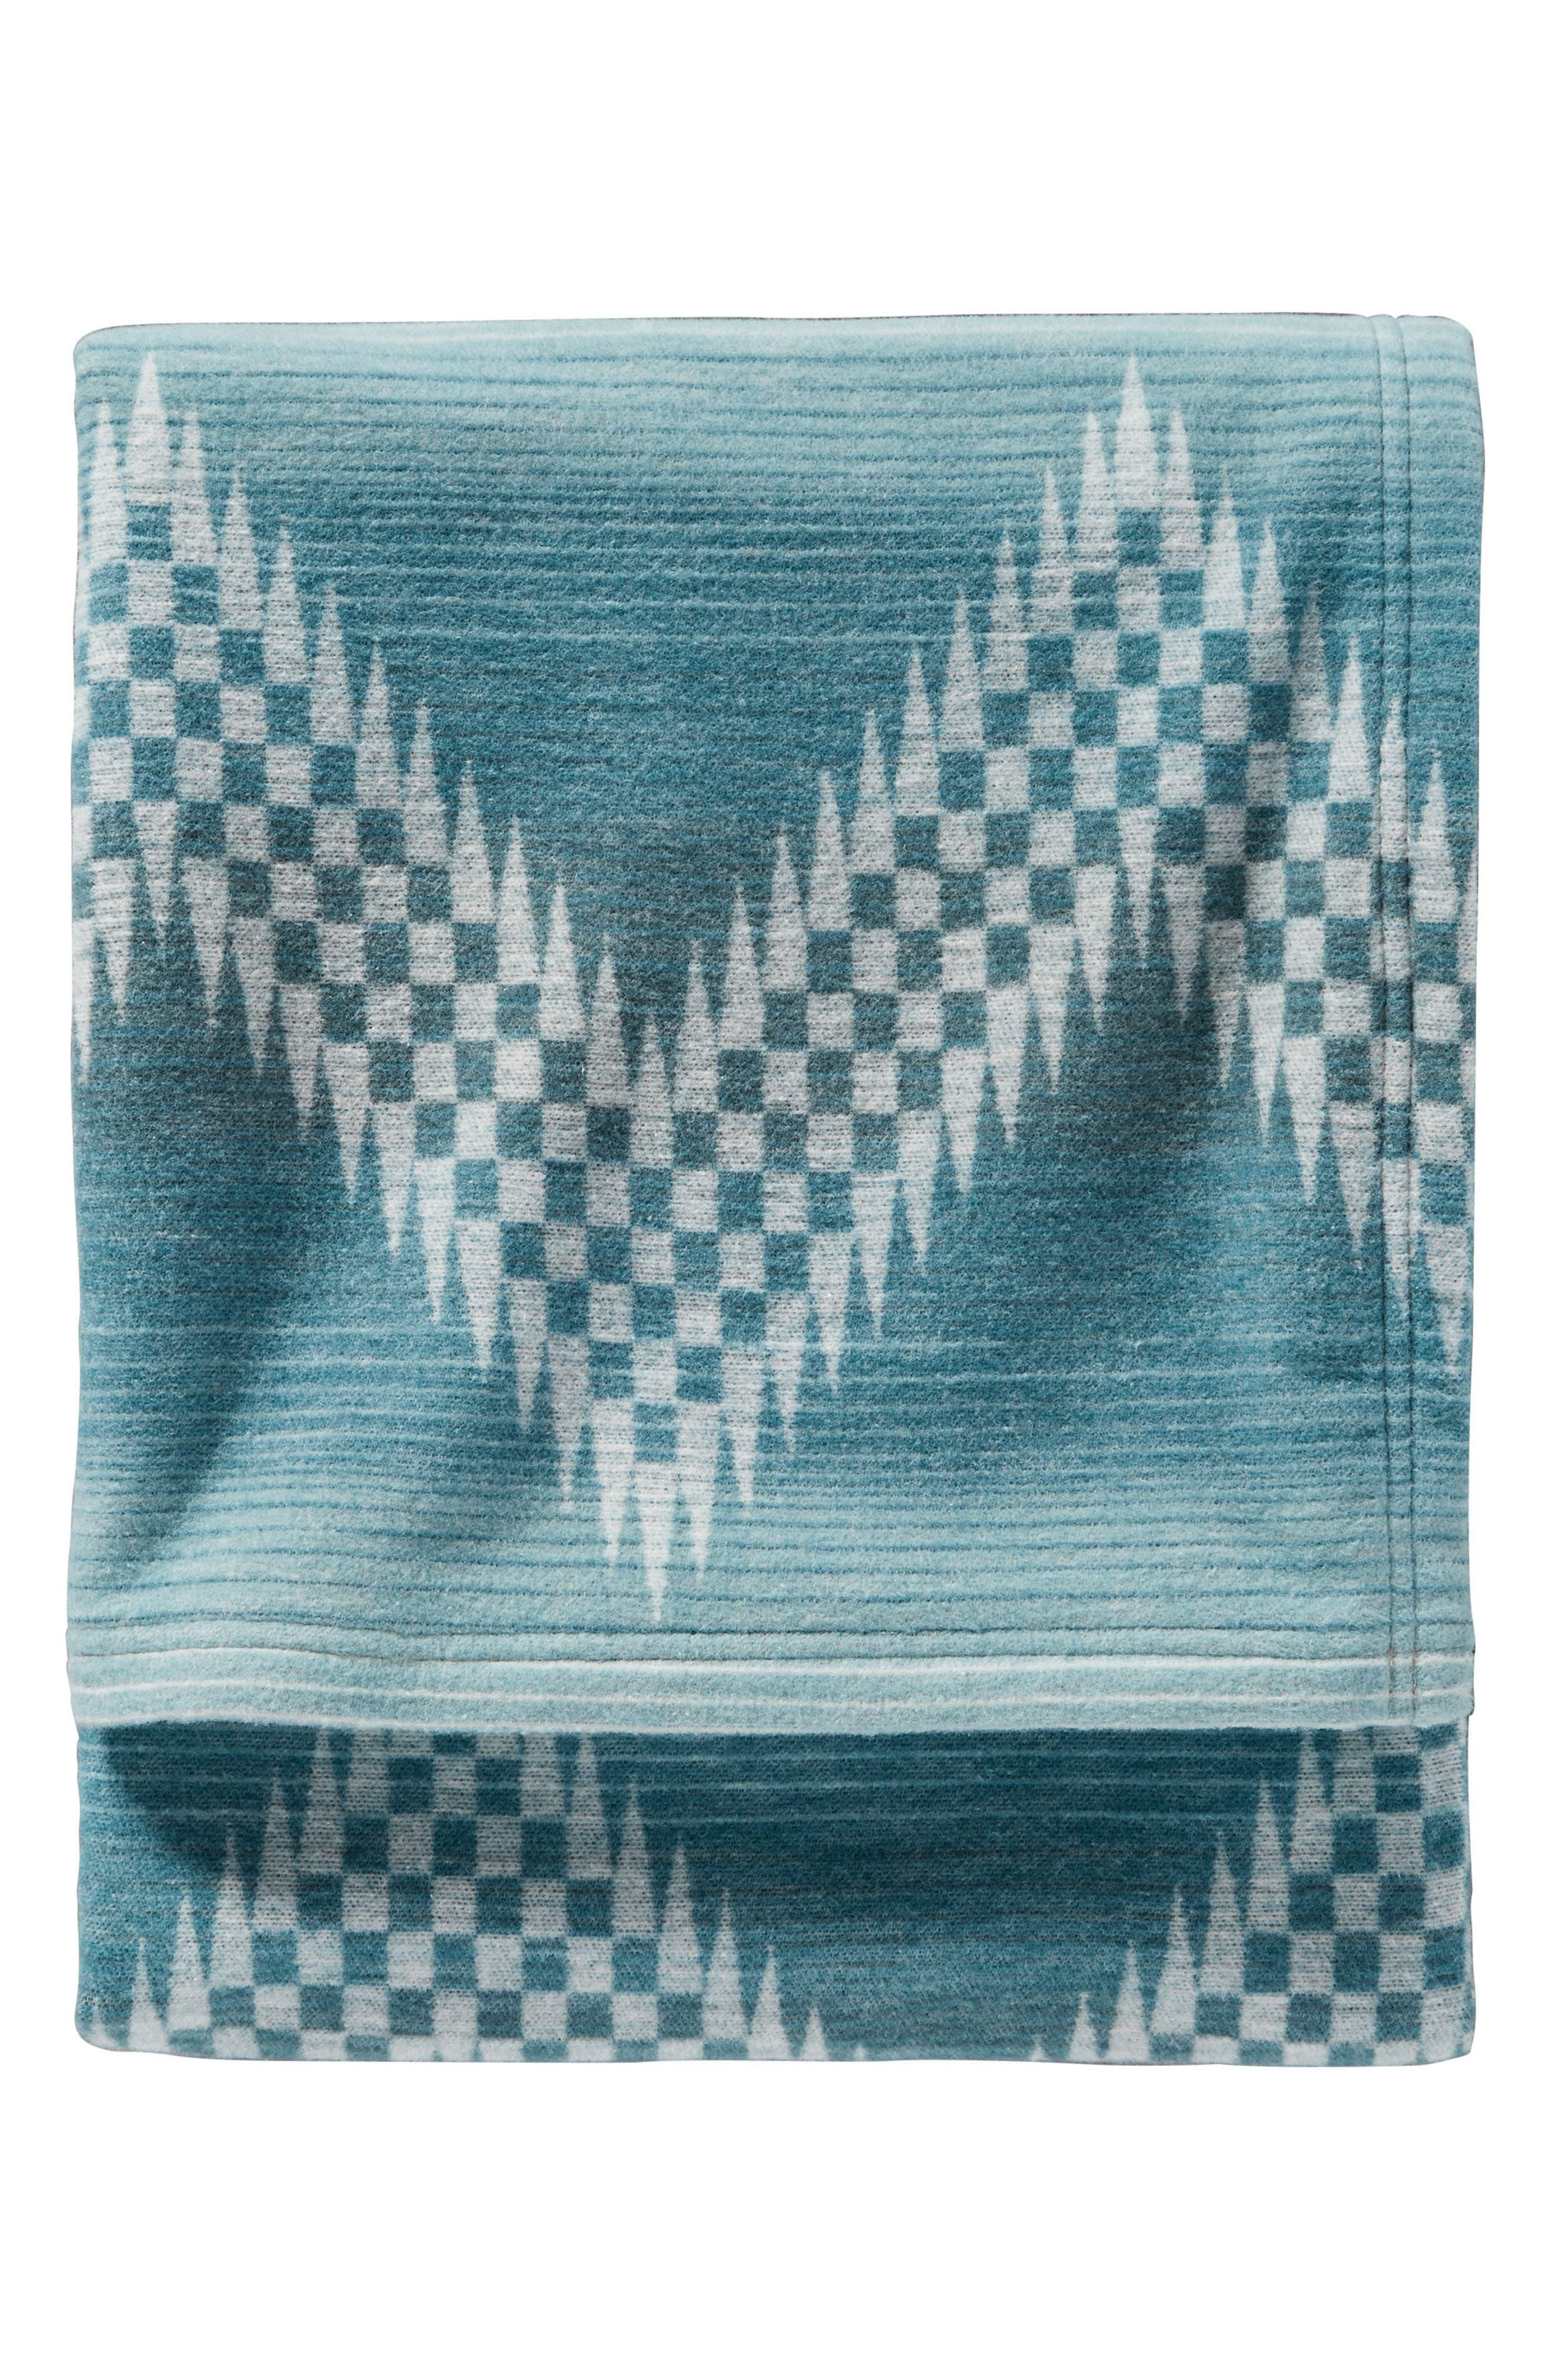 Main Image - Pendleton Willow Basket Throw Blanket